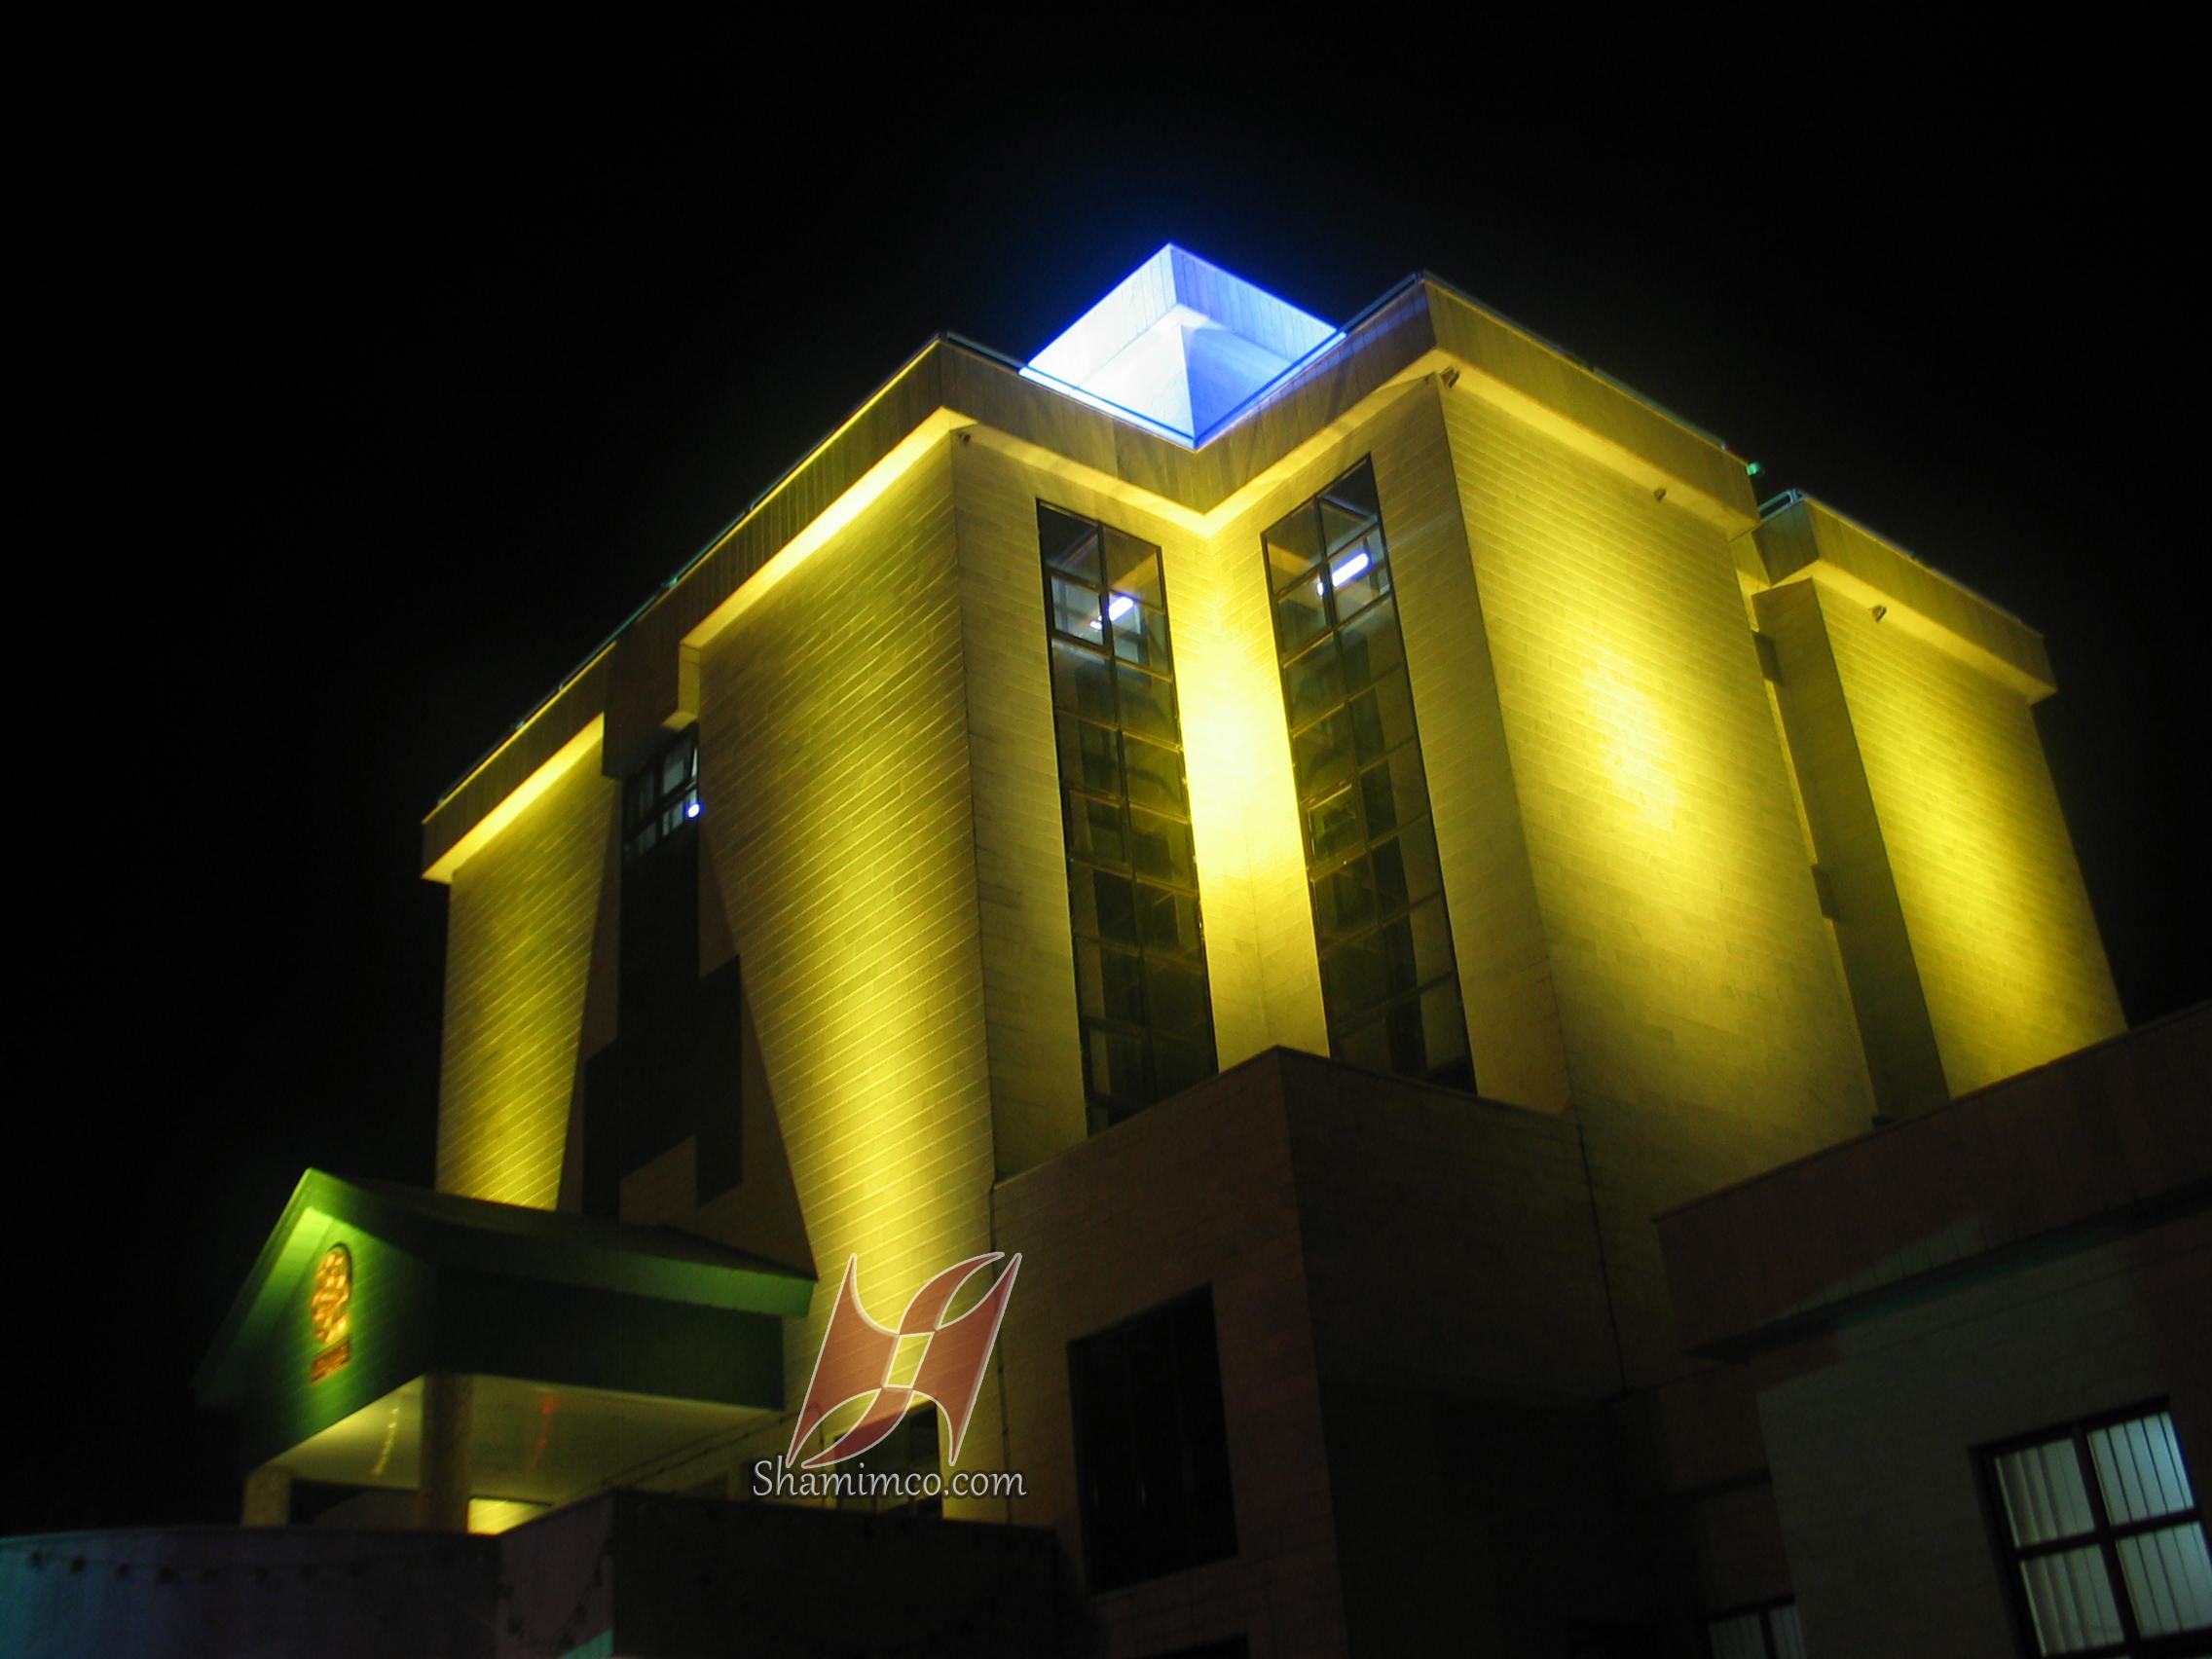 نورپردازی مجتمع غدیر مشهد